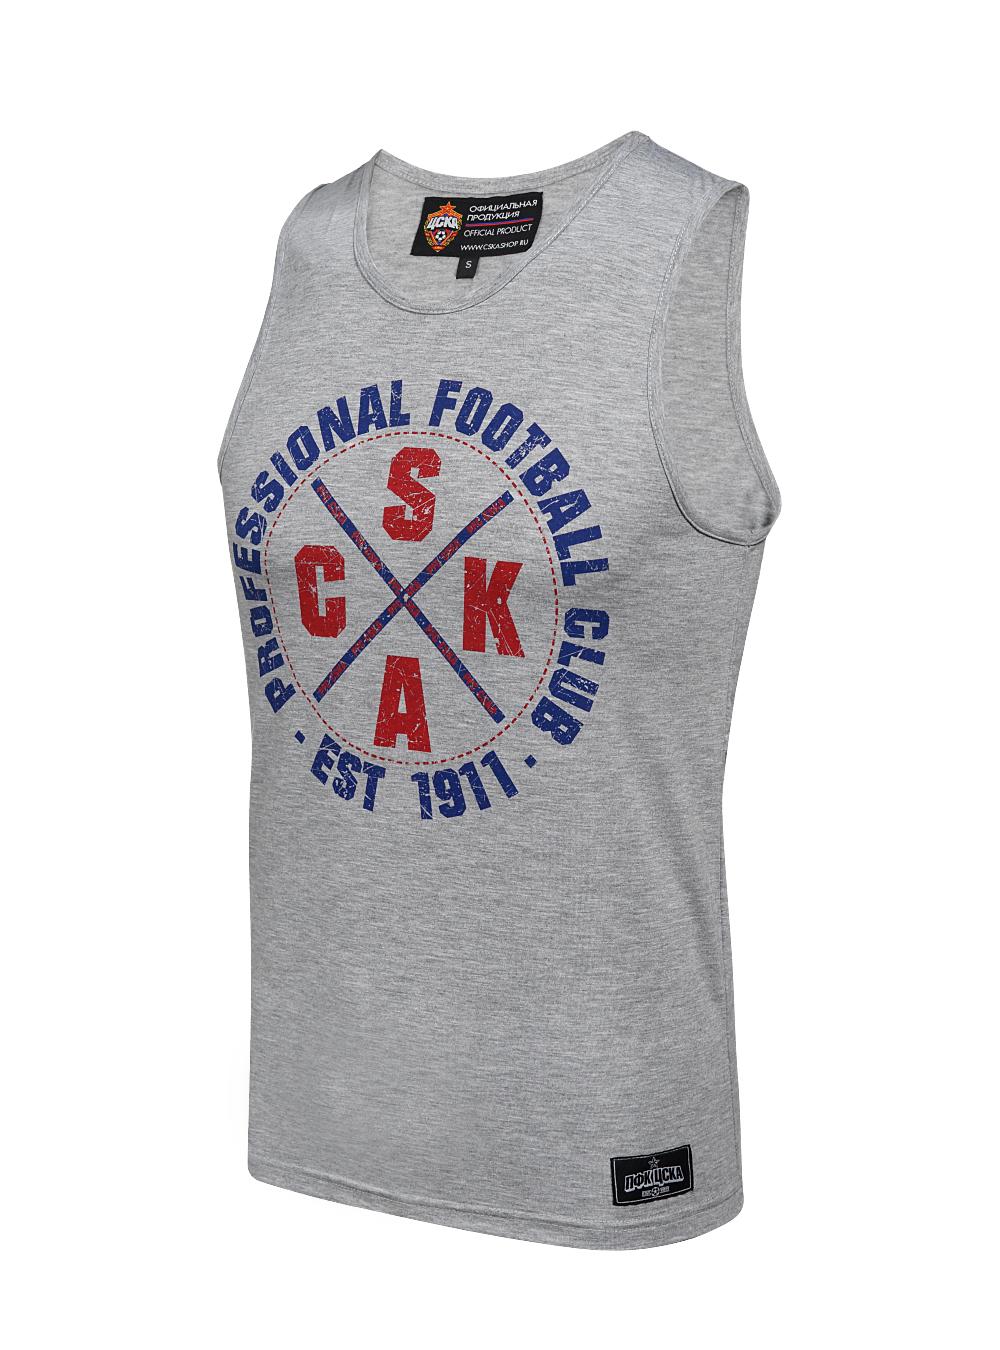 Купить Майка мужская CSKA, цвет серый (XL) по Нижнему Новгороду